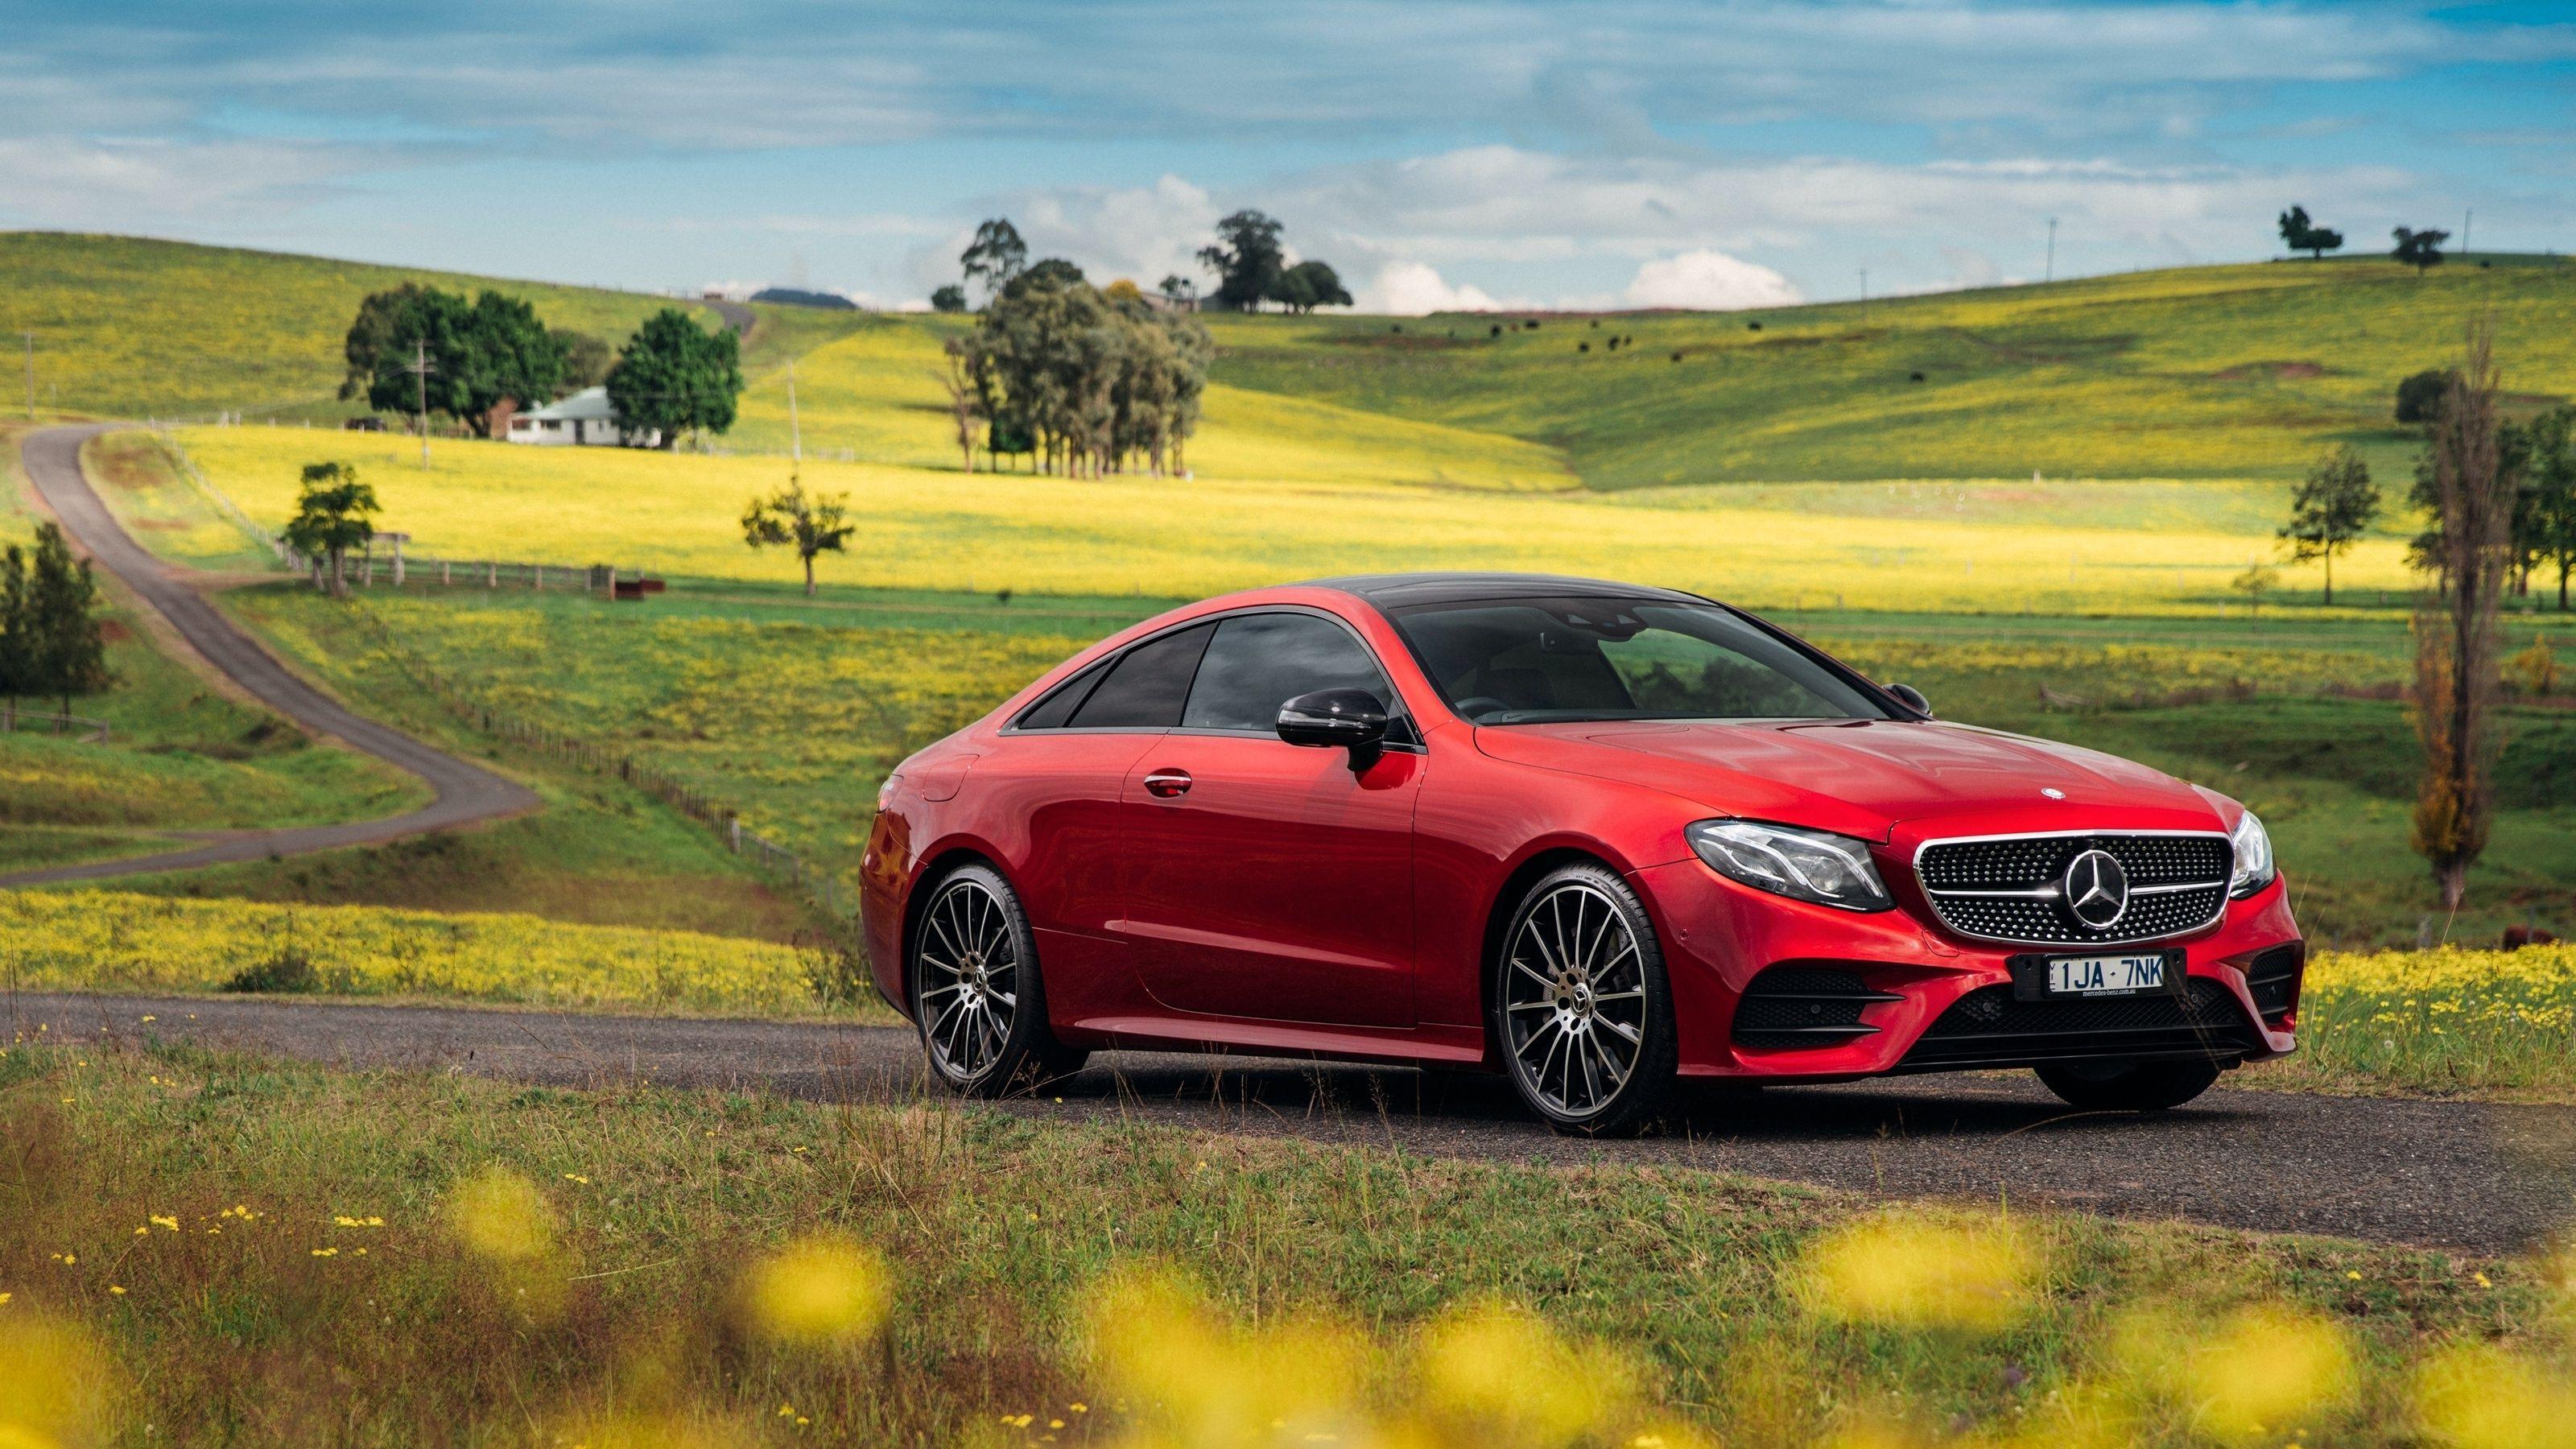 Mercedes-Benz Car HD Wallpapers - Top Free Mercedes-Benz ...